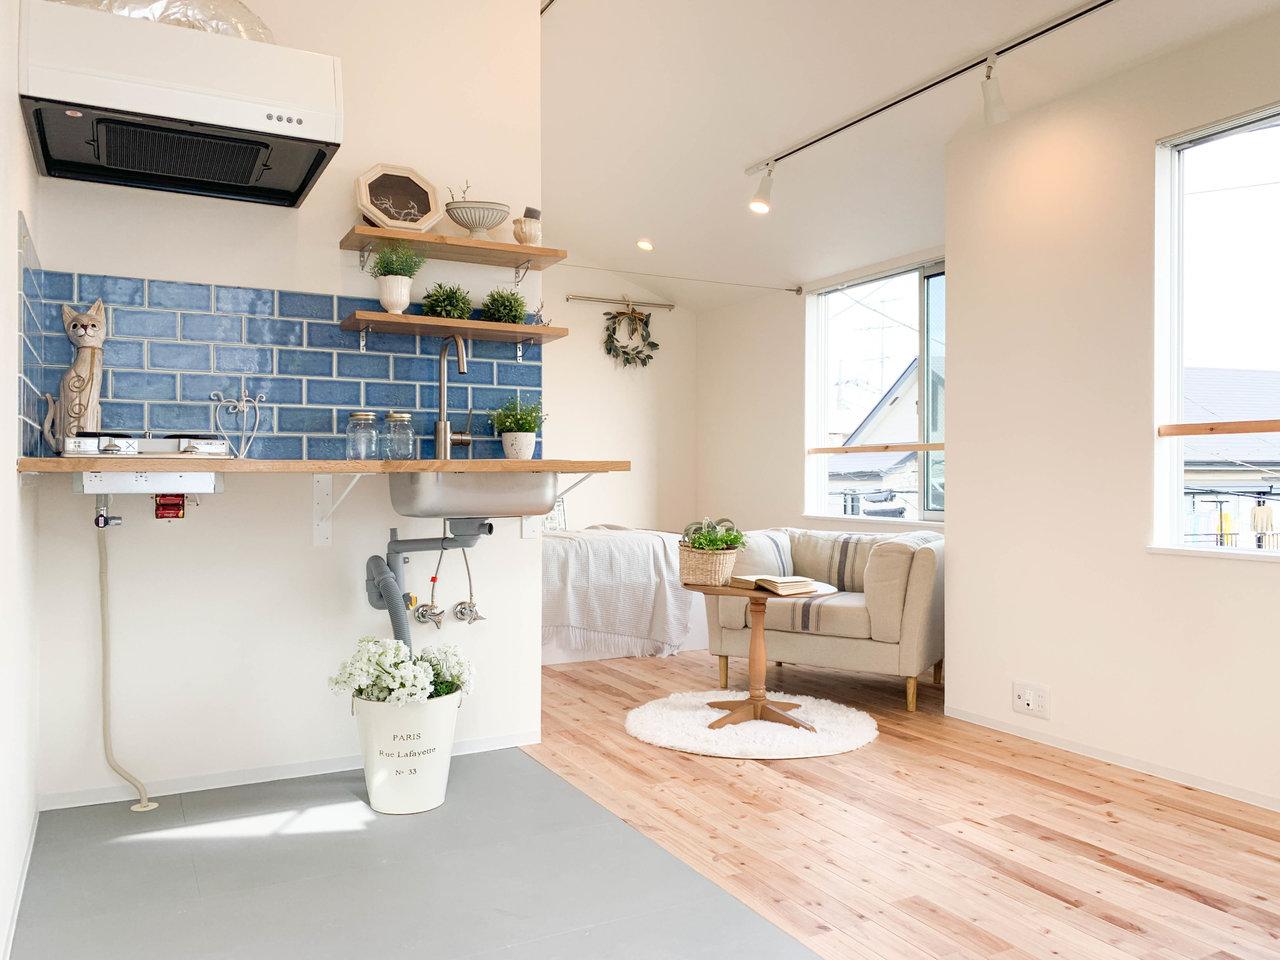 まず初めにご紹介するのは、無垢床が気持ちのいい新築のお部屋。縦に長いこちらのお部屋では、奥にベッドルーム、手前がリビングルームとなっています。